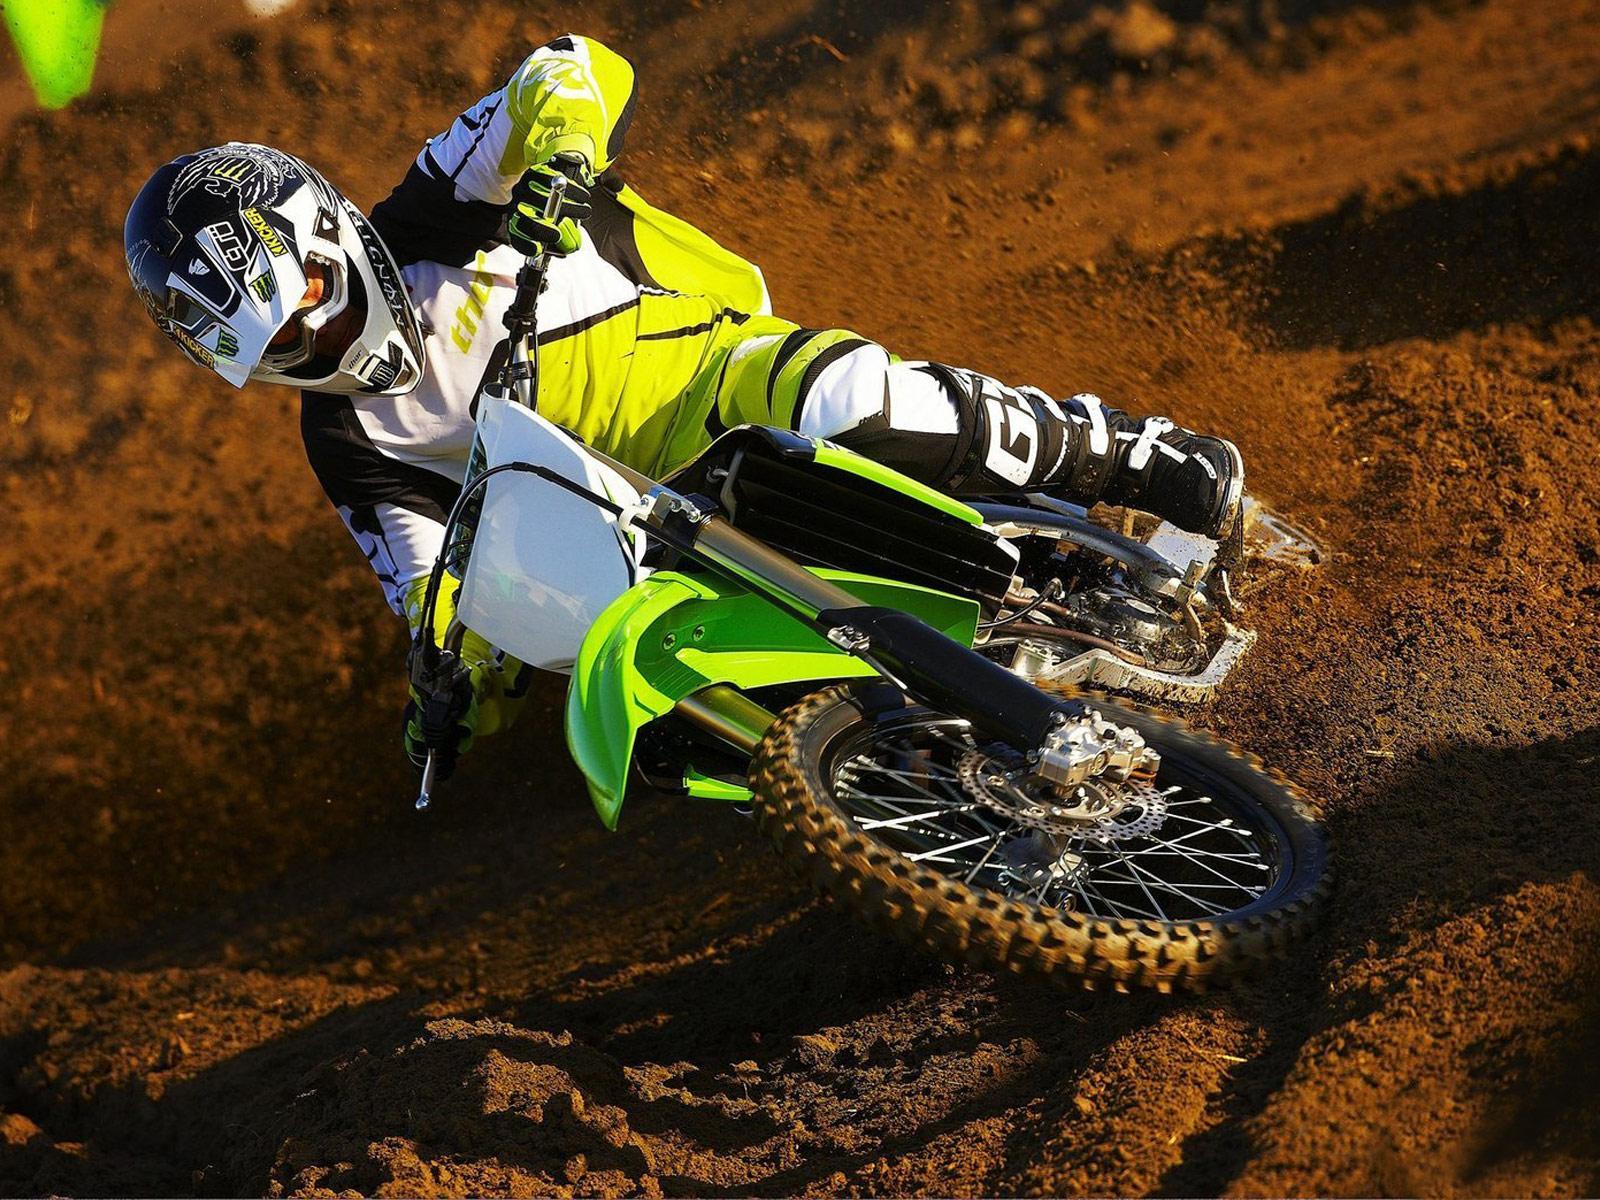 http://2.bp.blogspot.com/_St8PvhYLC4c/S8yNs2_4-YI/AAAAAAAACG8/-pCP92G6olw/s1600/Kawasaki_KX450F-Monster-Energy_2010_3.jpg